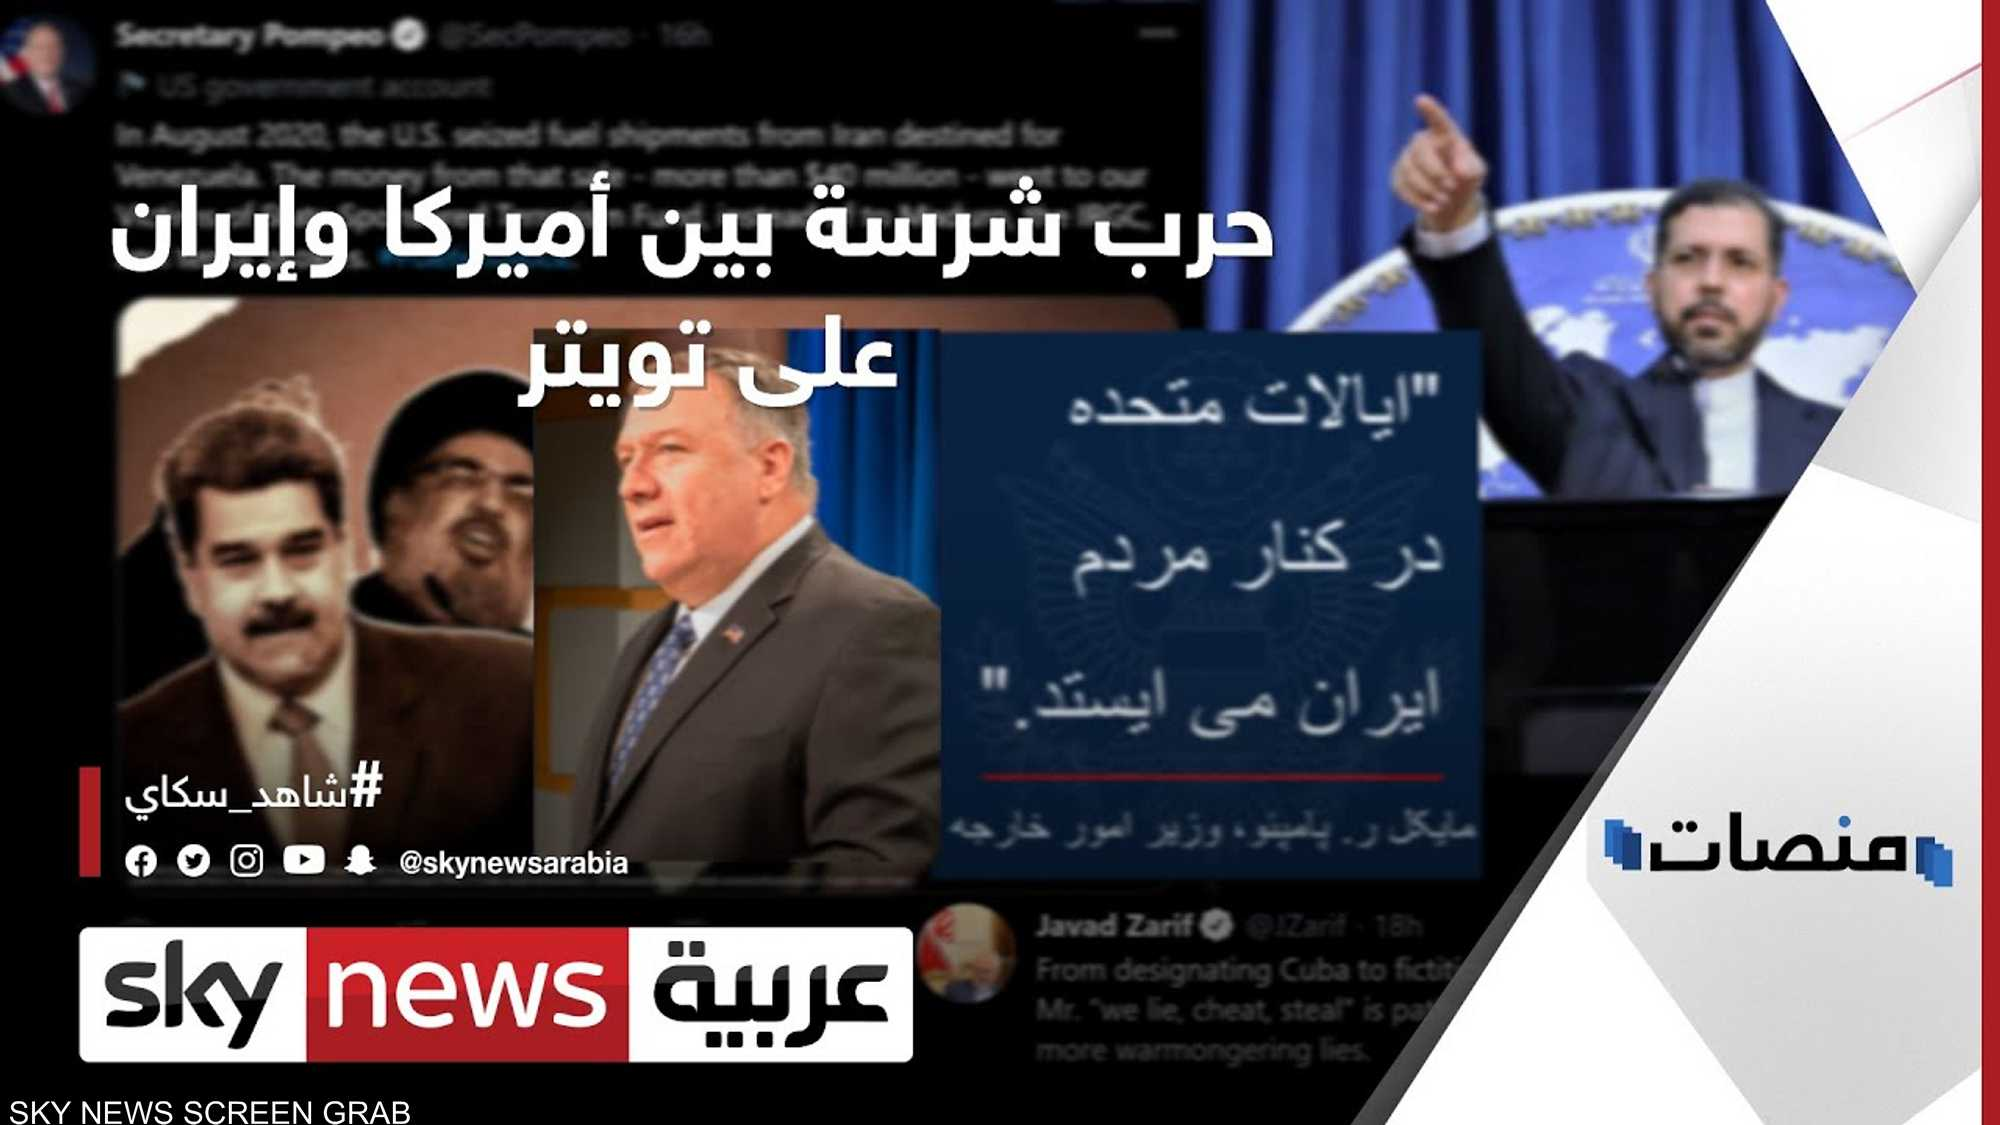 حرب شرسة بين أميركا وإيران.. على تويتر